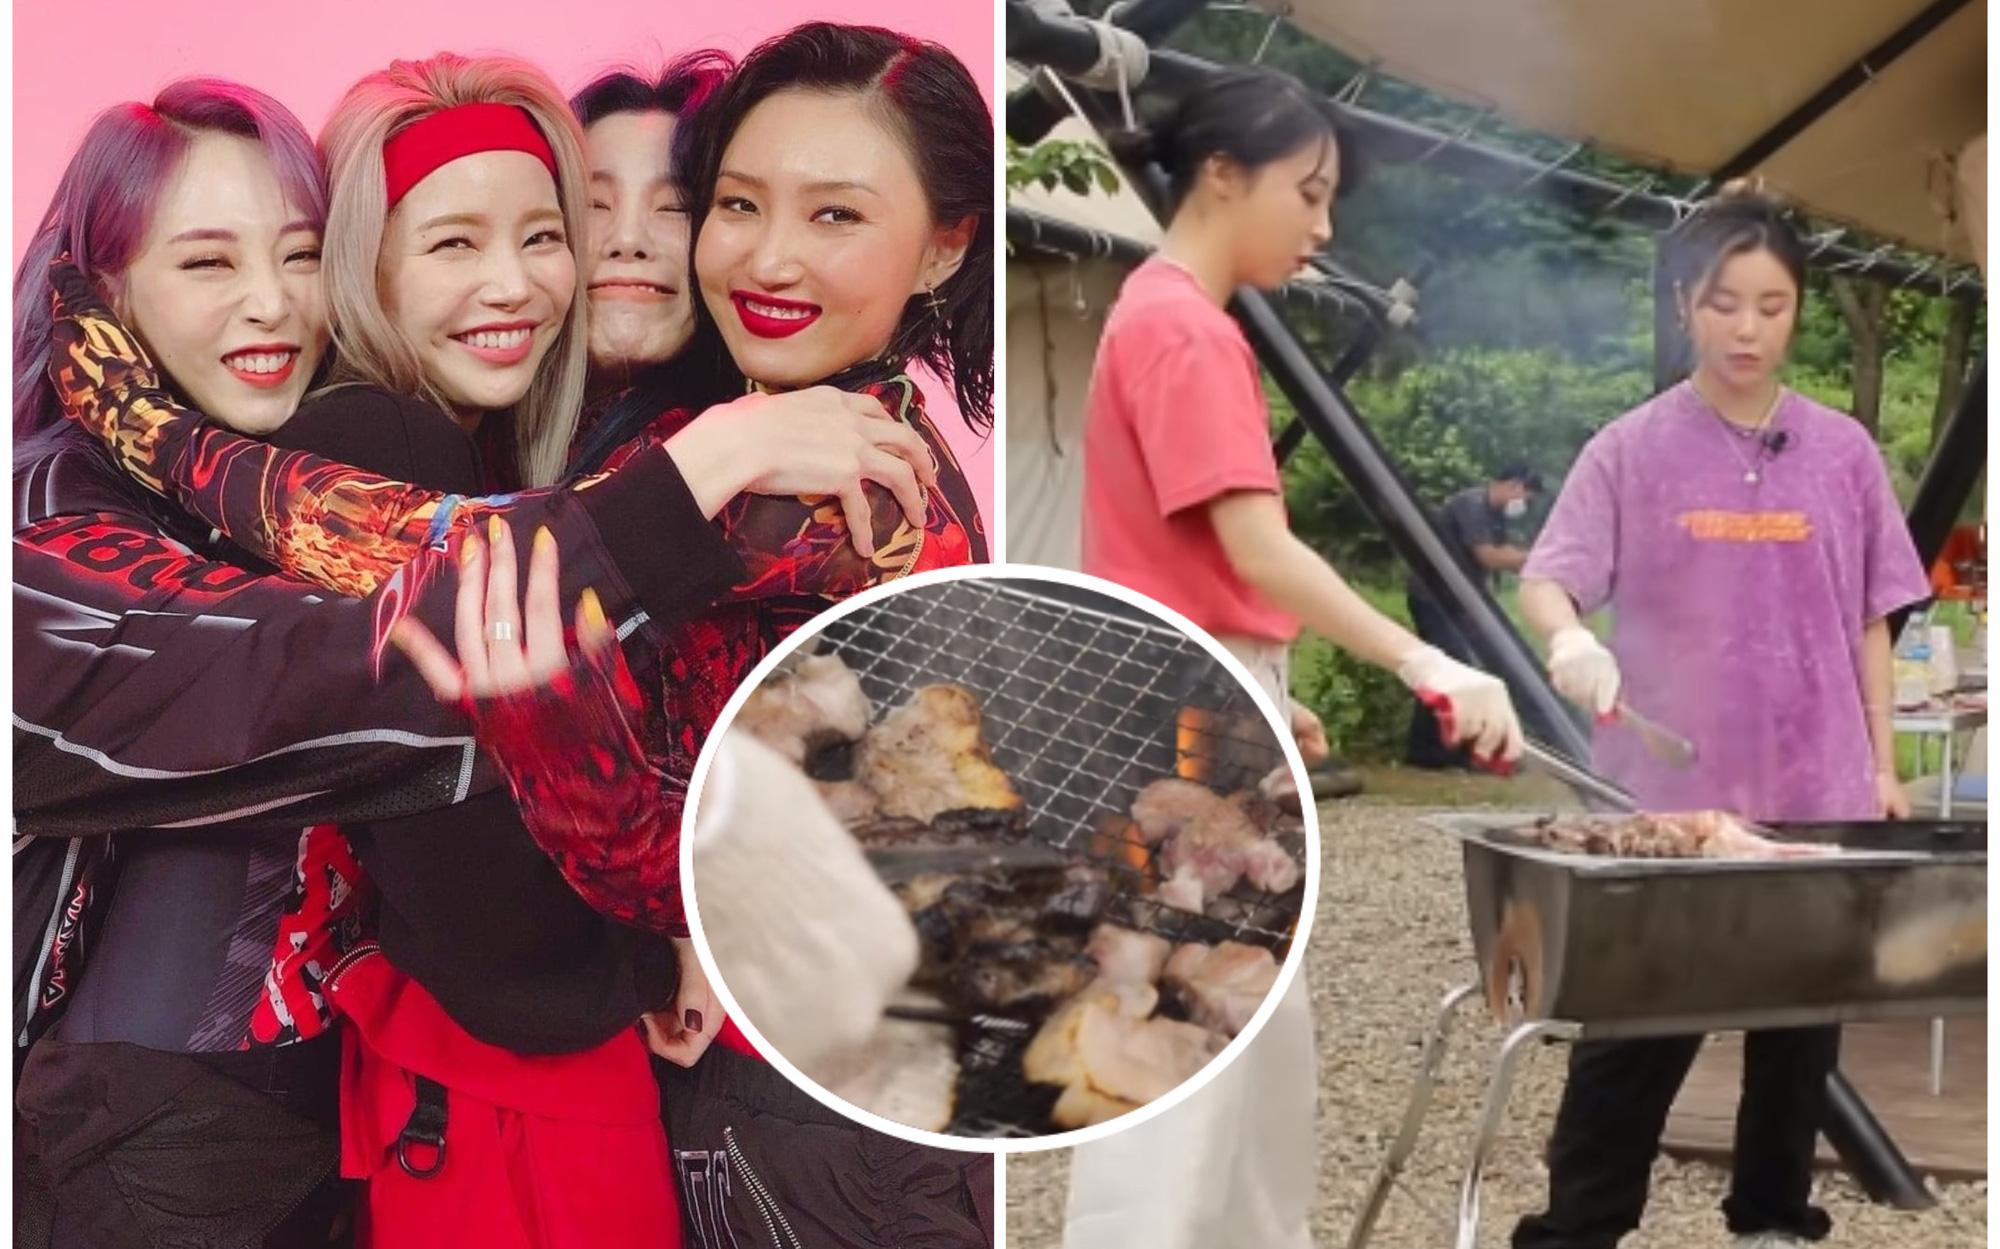 """Thương cho MAMAMOO: Tính trổ tài nấu ăn nhưng lại suýt biến bữa BBQ thành """"tiệc nướng bóng đêm"""" khét lẹt"""